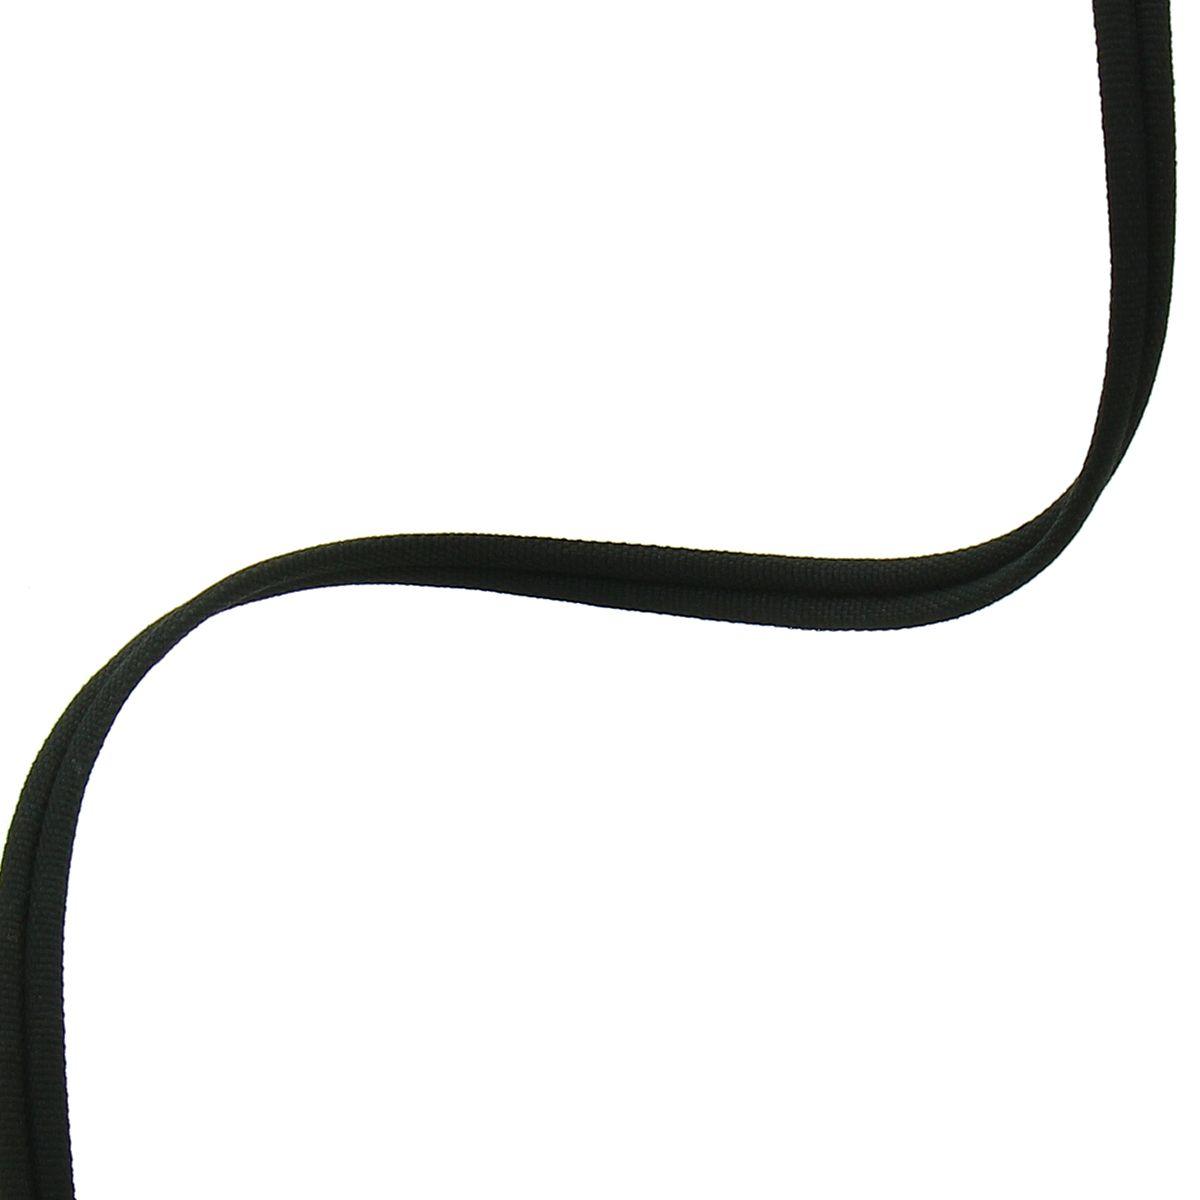 Cordon double passepoil recouvert mat - Noir